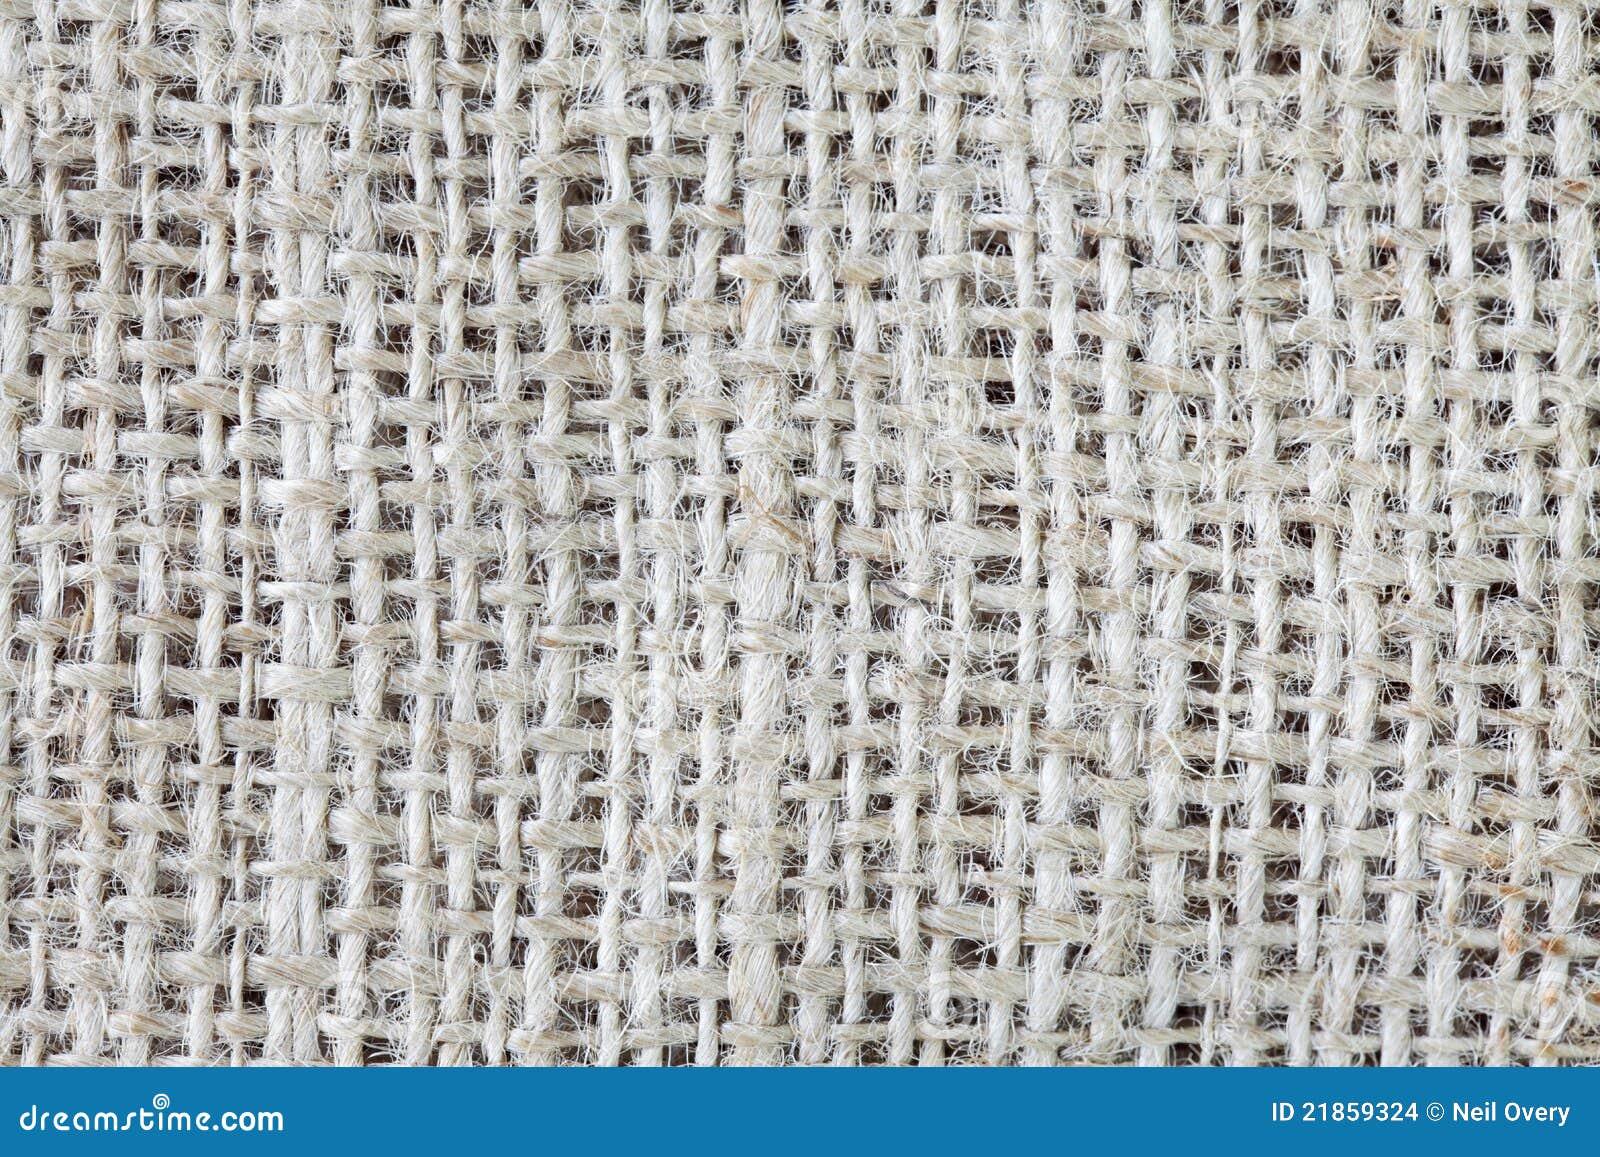 Textura del saco de la arpillera imagenes de archivo - Saco de arpillera ...